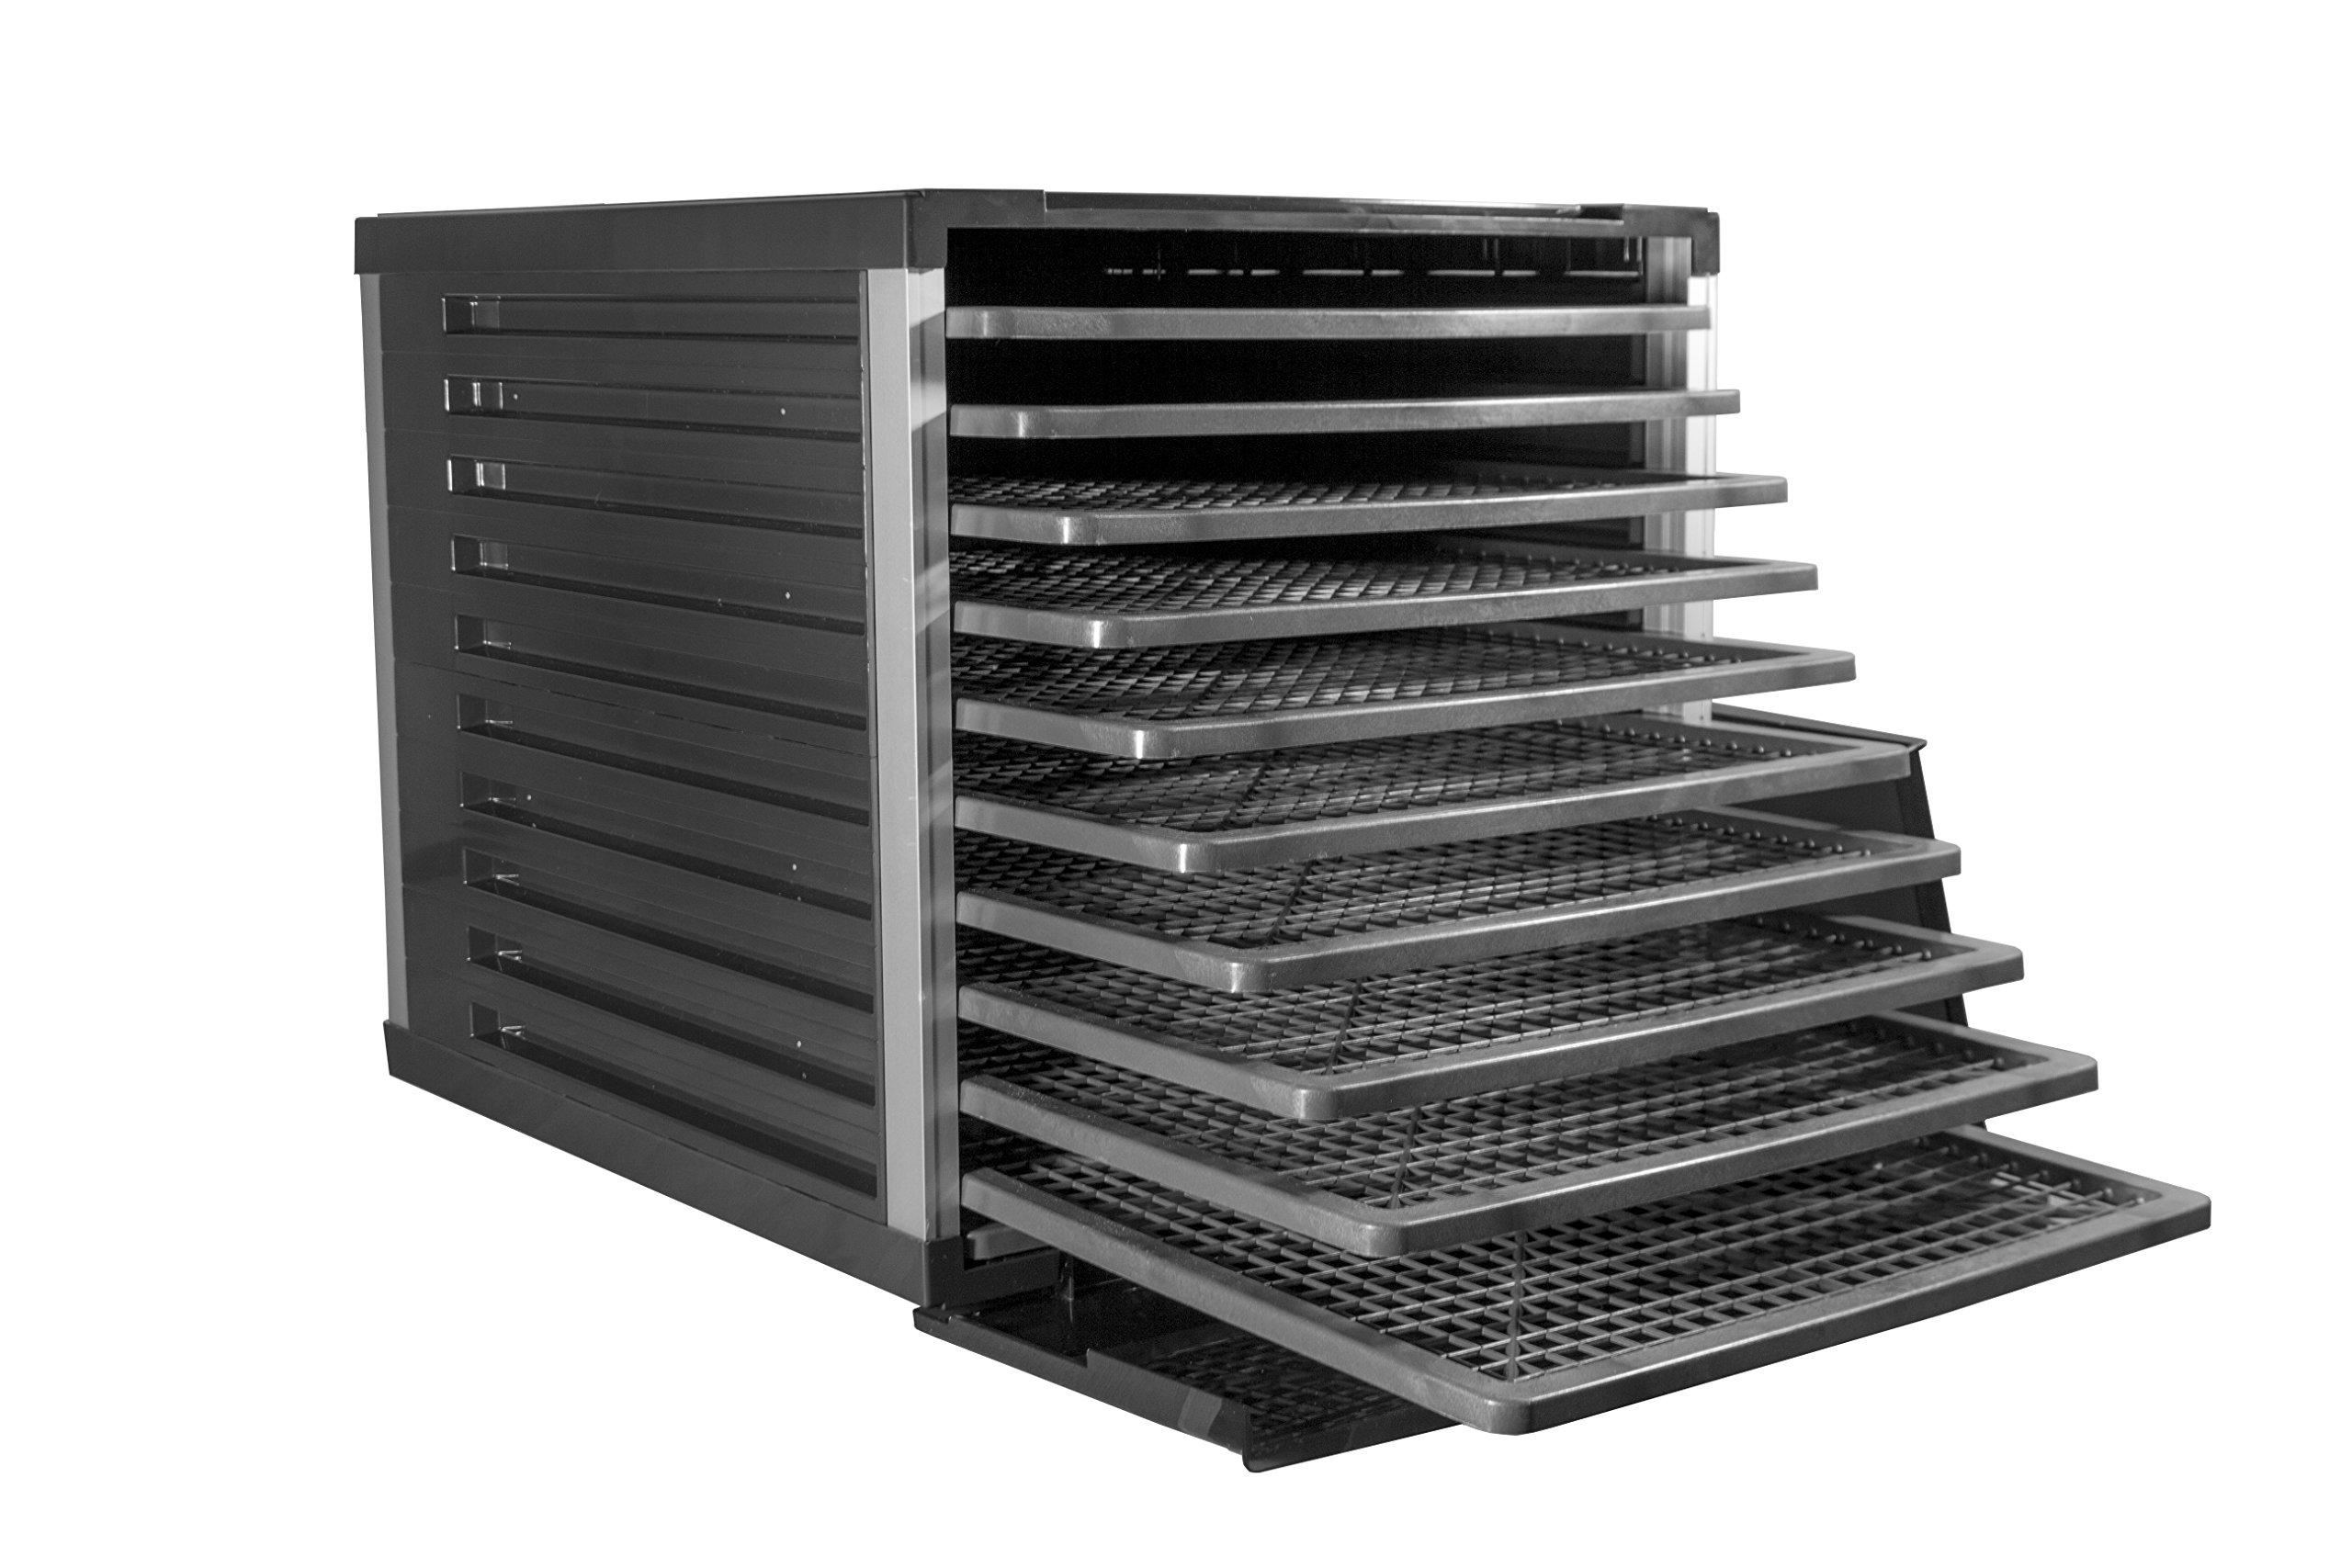 LEM Products 1153 Food Dehydrator (10-Tray) by LEM